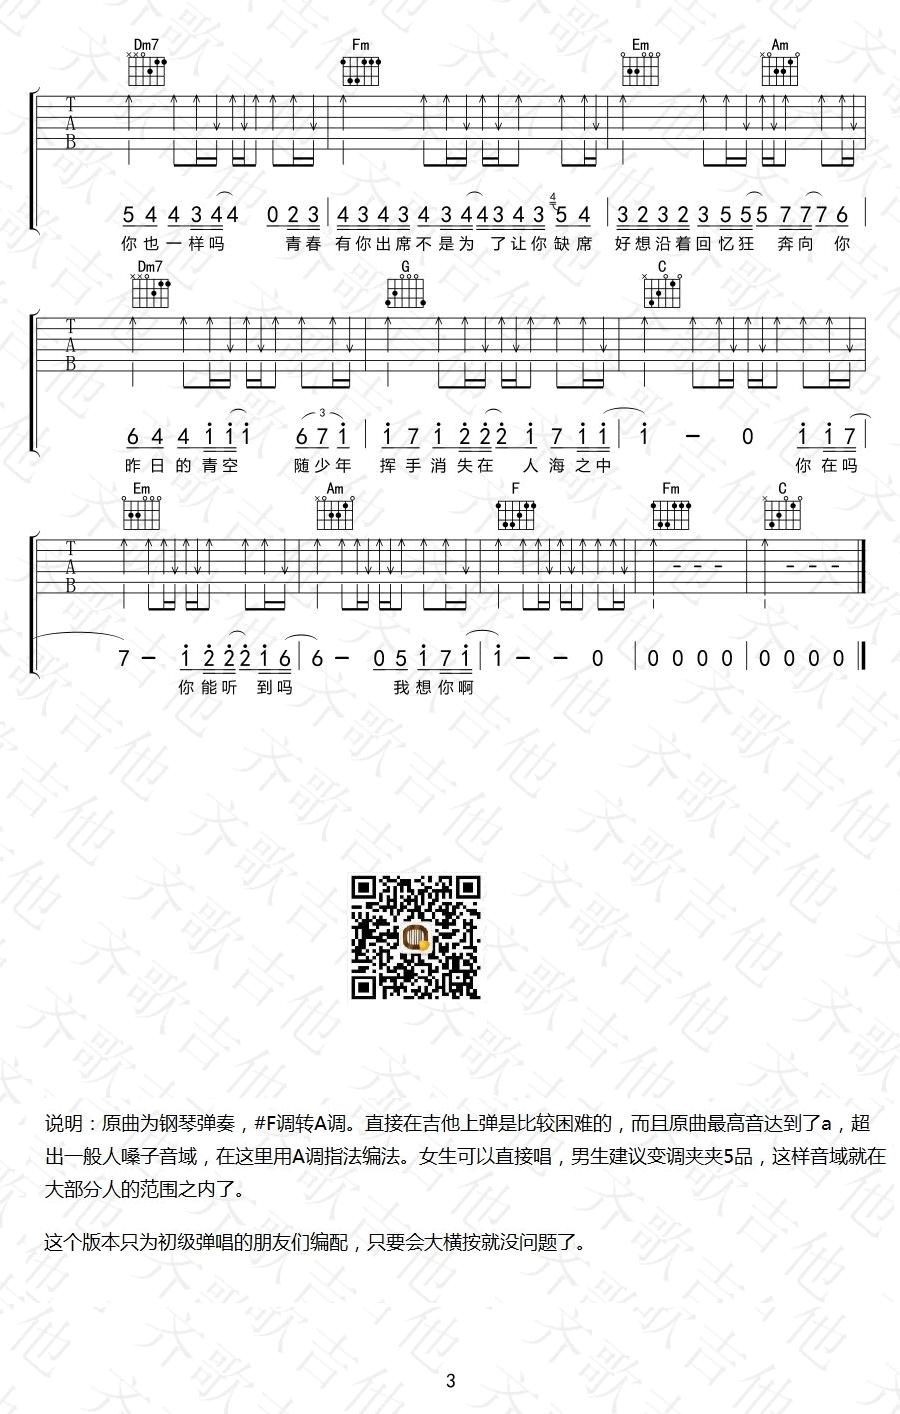 昨日青空吉他谱_尤长靖_A调弹唱六线谱_高清图片谱